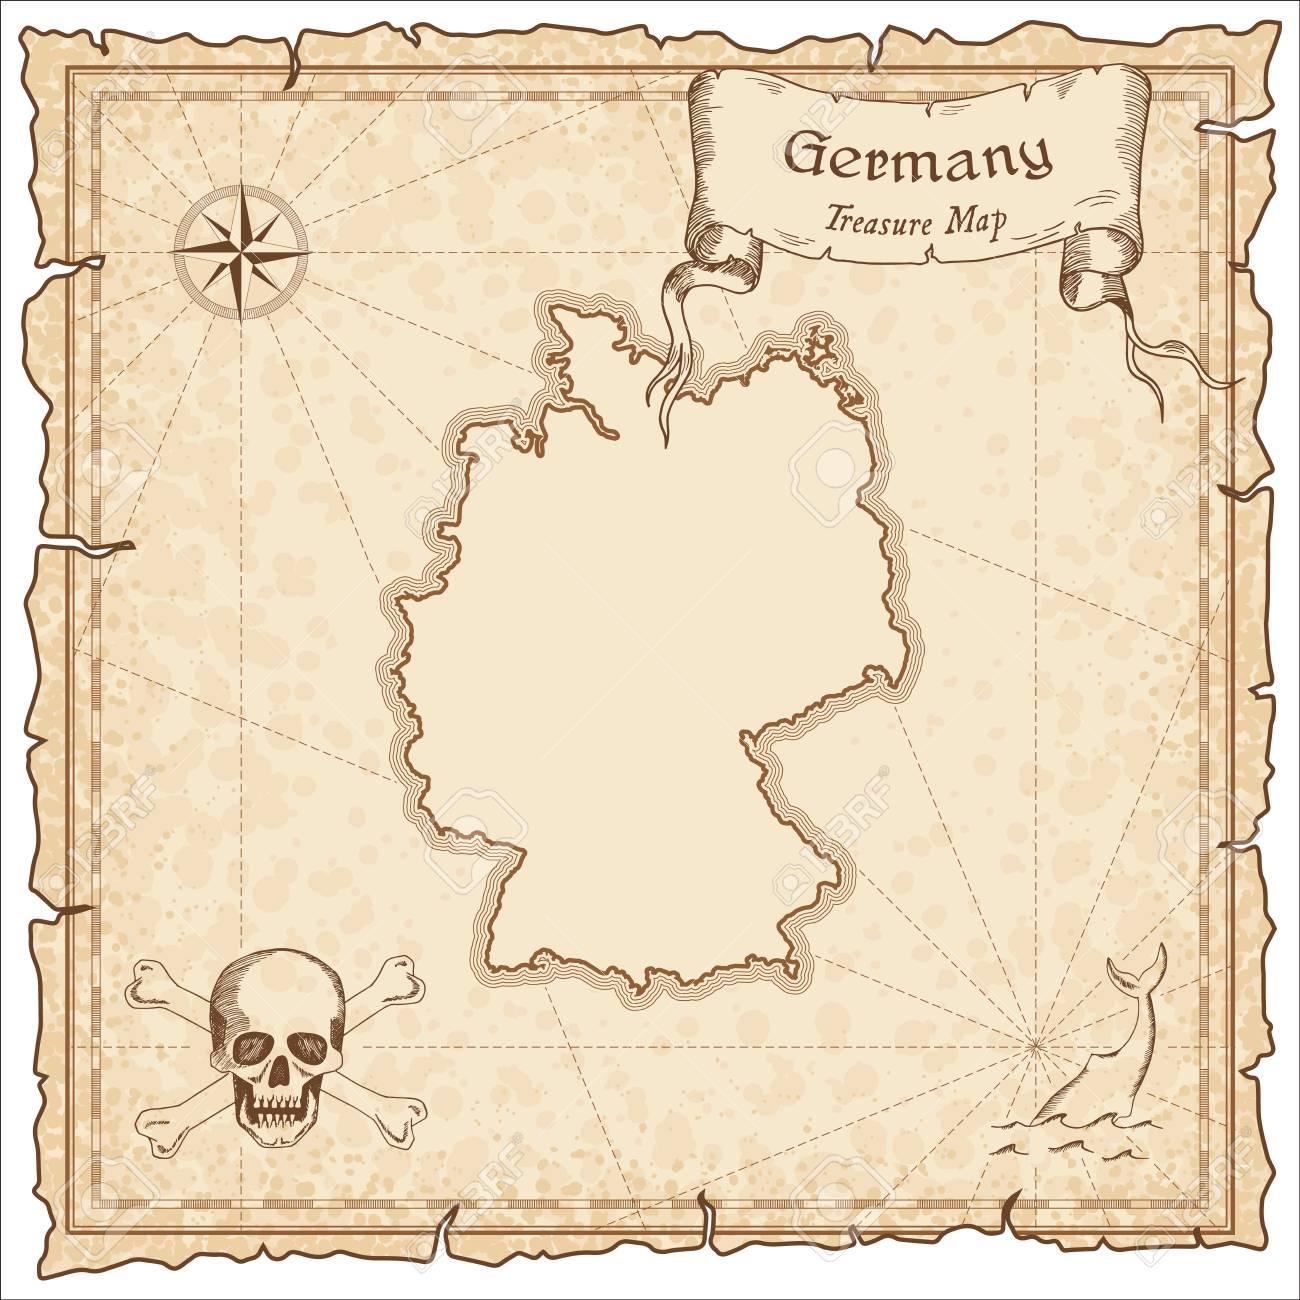 Une Carte Au Tresor En Allemand.Ancienne Carte De Pirate En Allemagne Sepia Grave Modele De Carte Au Tresor Carte De Pirate Stylisee Sur Papier Vintage